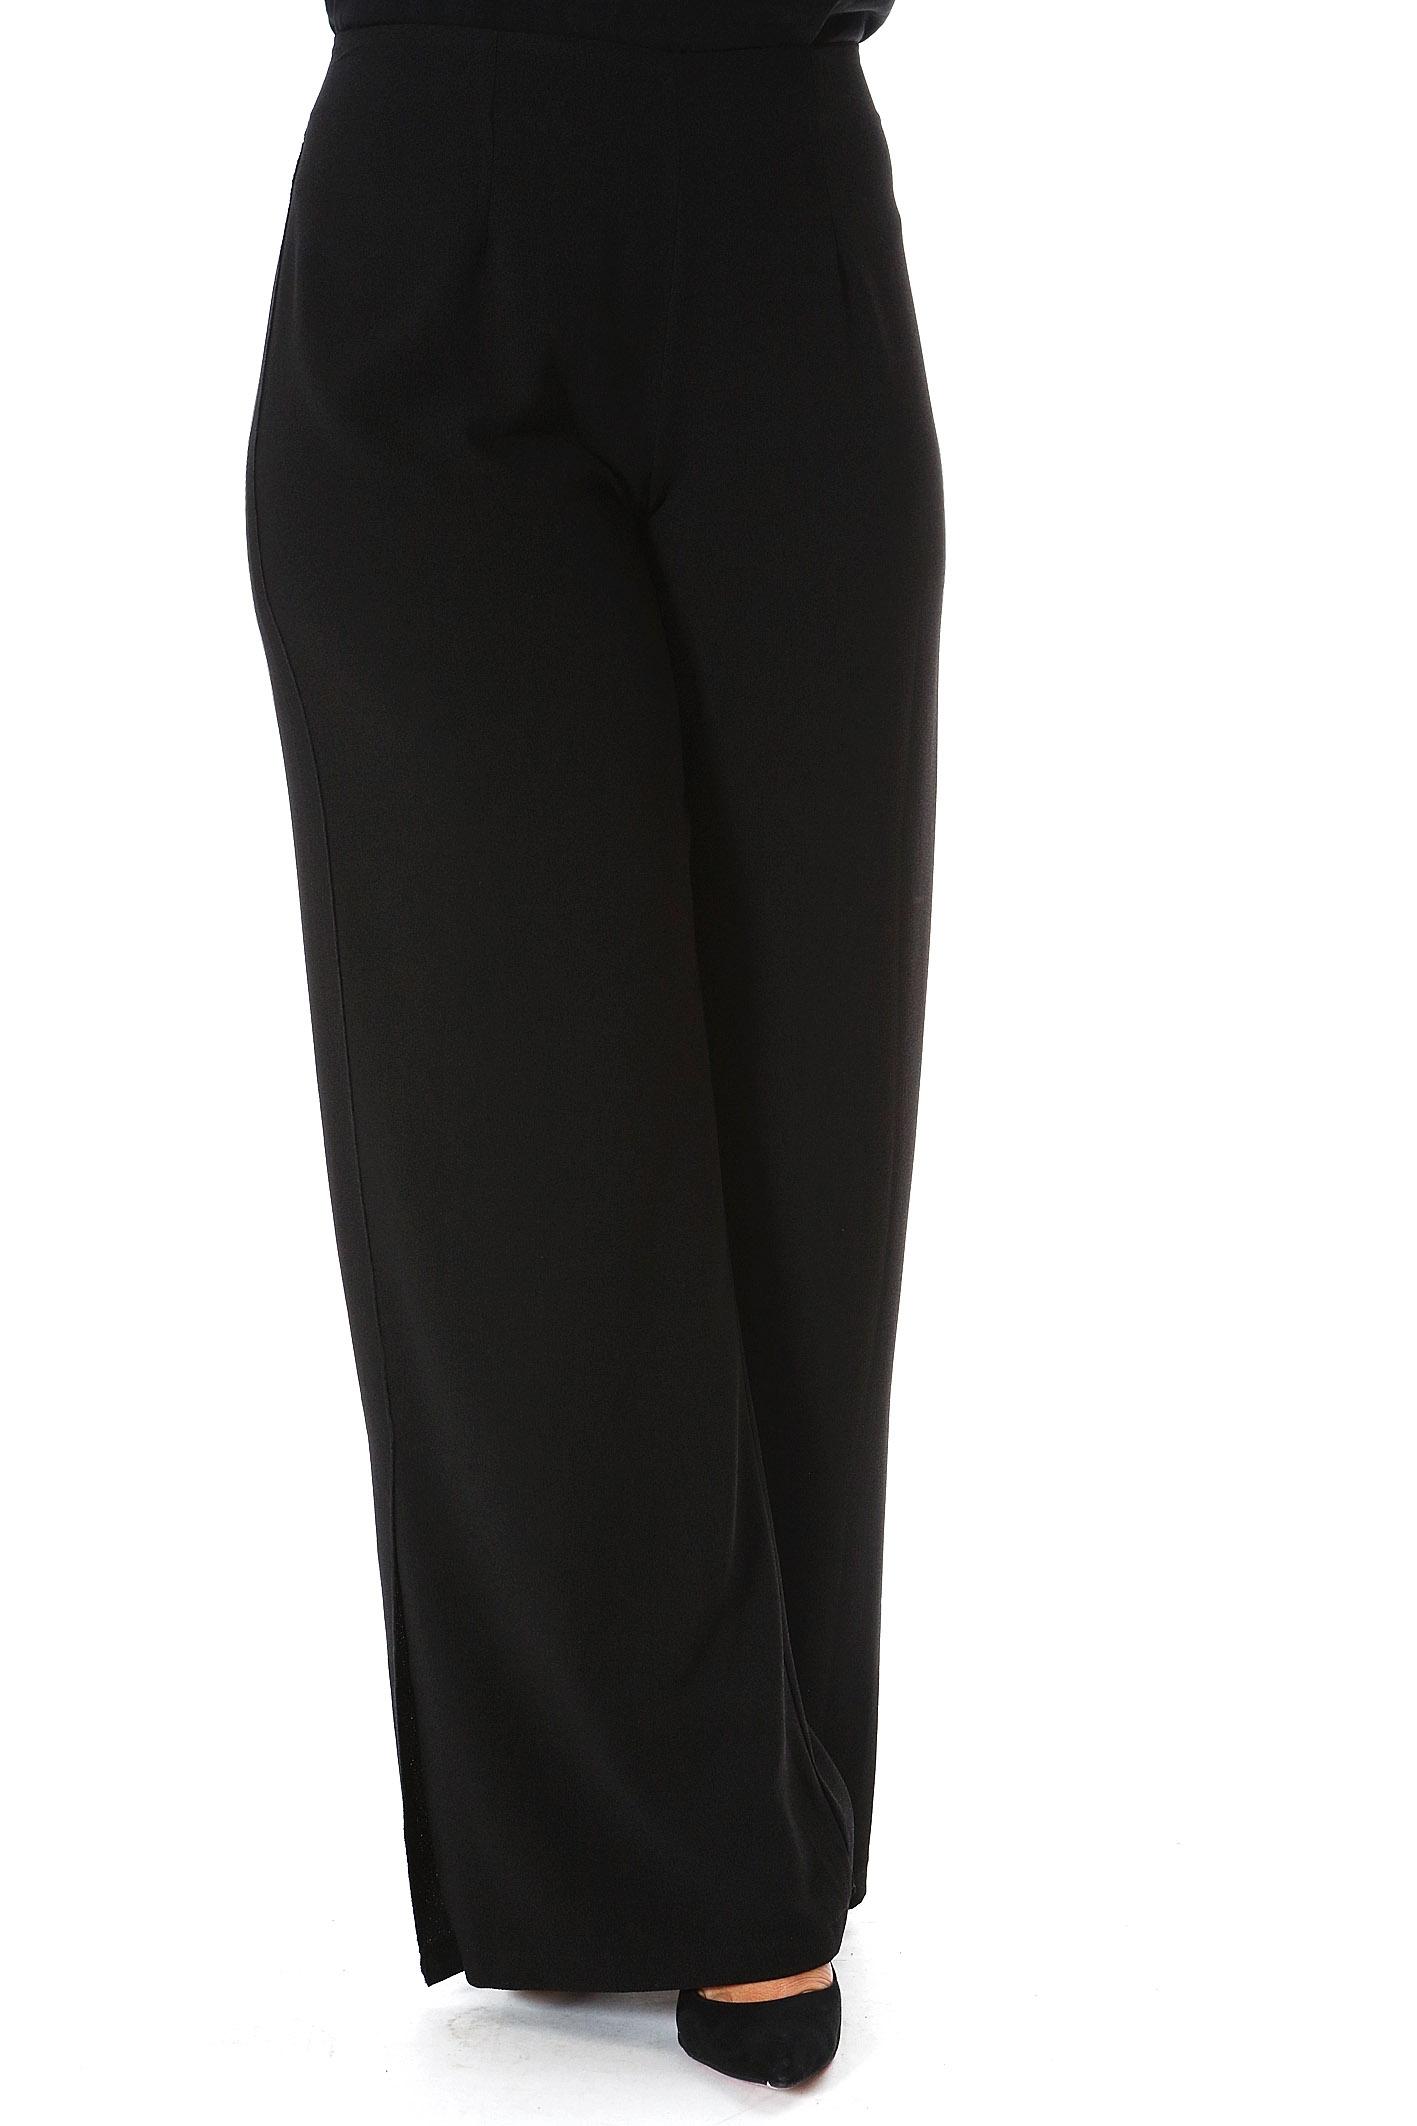 Παντελόνα κρεπ μαύρη νέες αφίξεις   ενδύματα   παντελόνια   κολάν